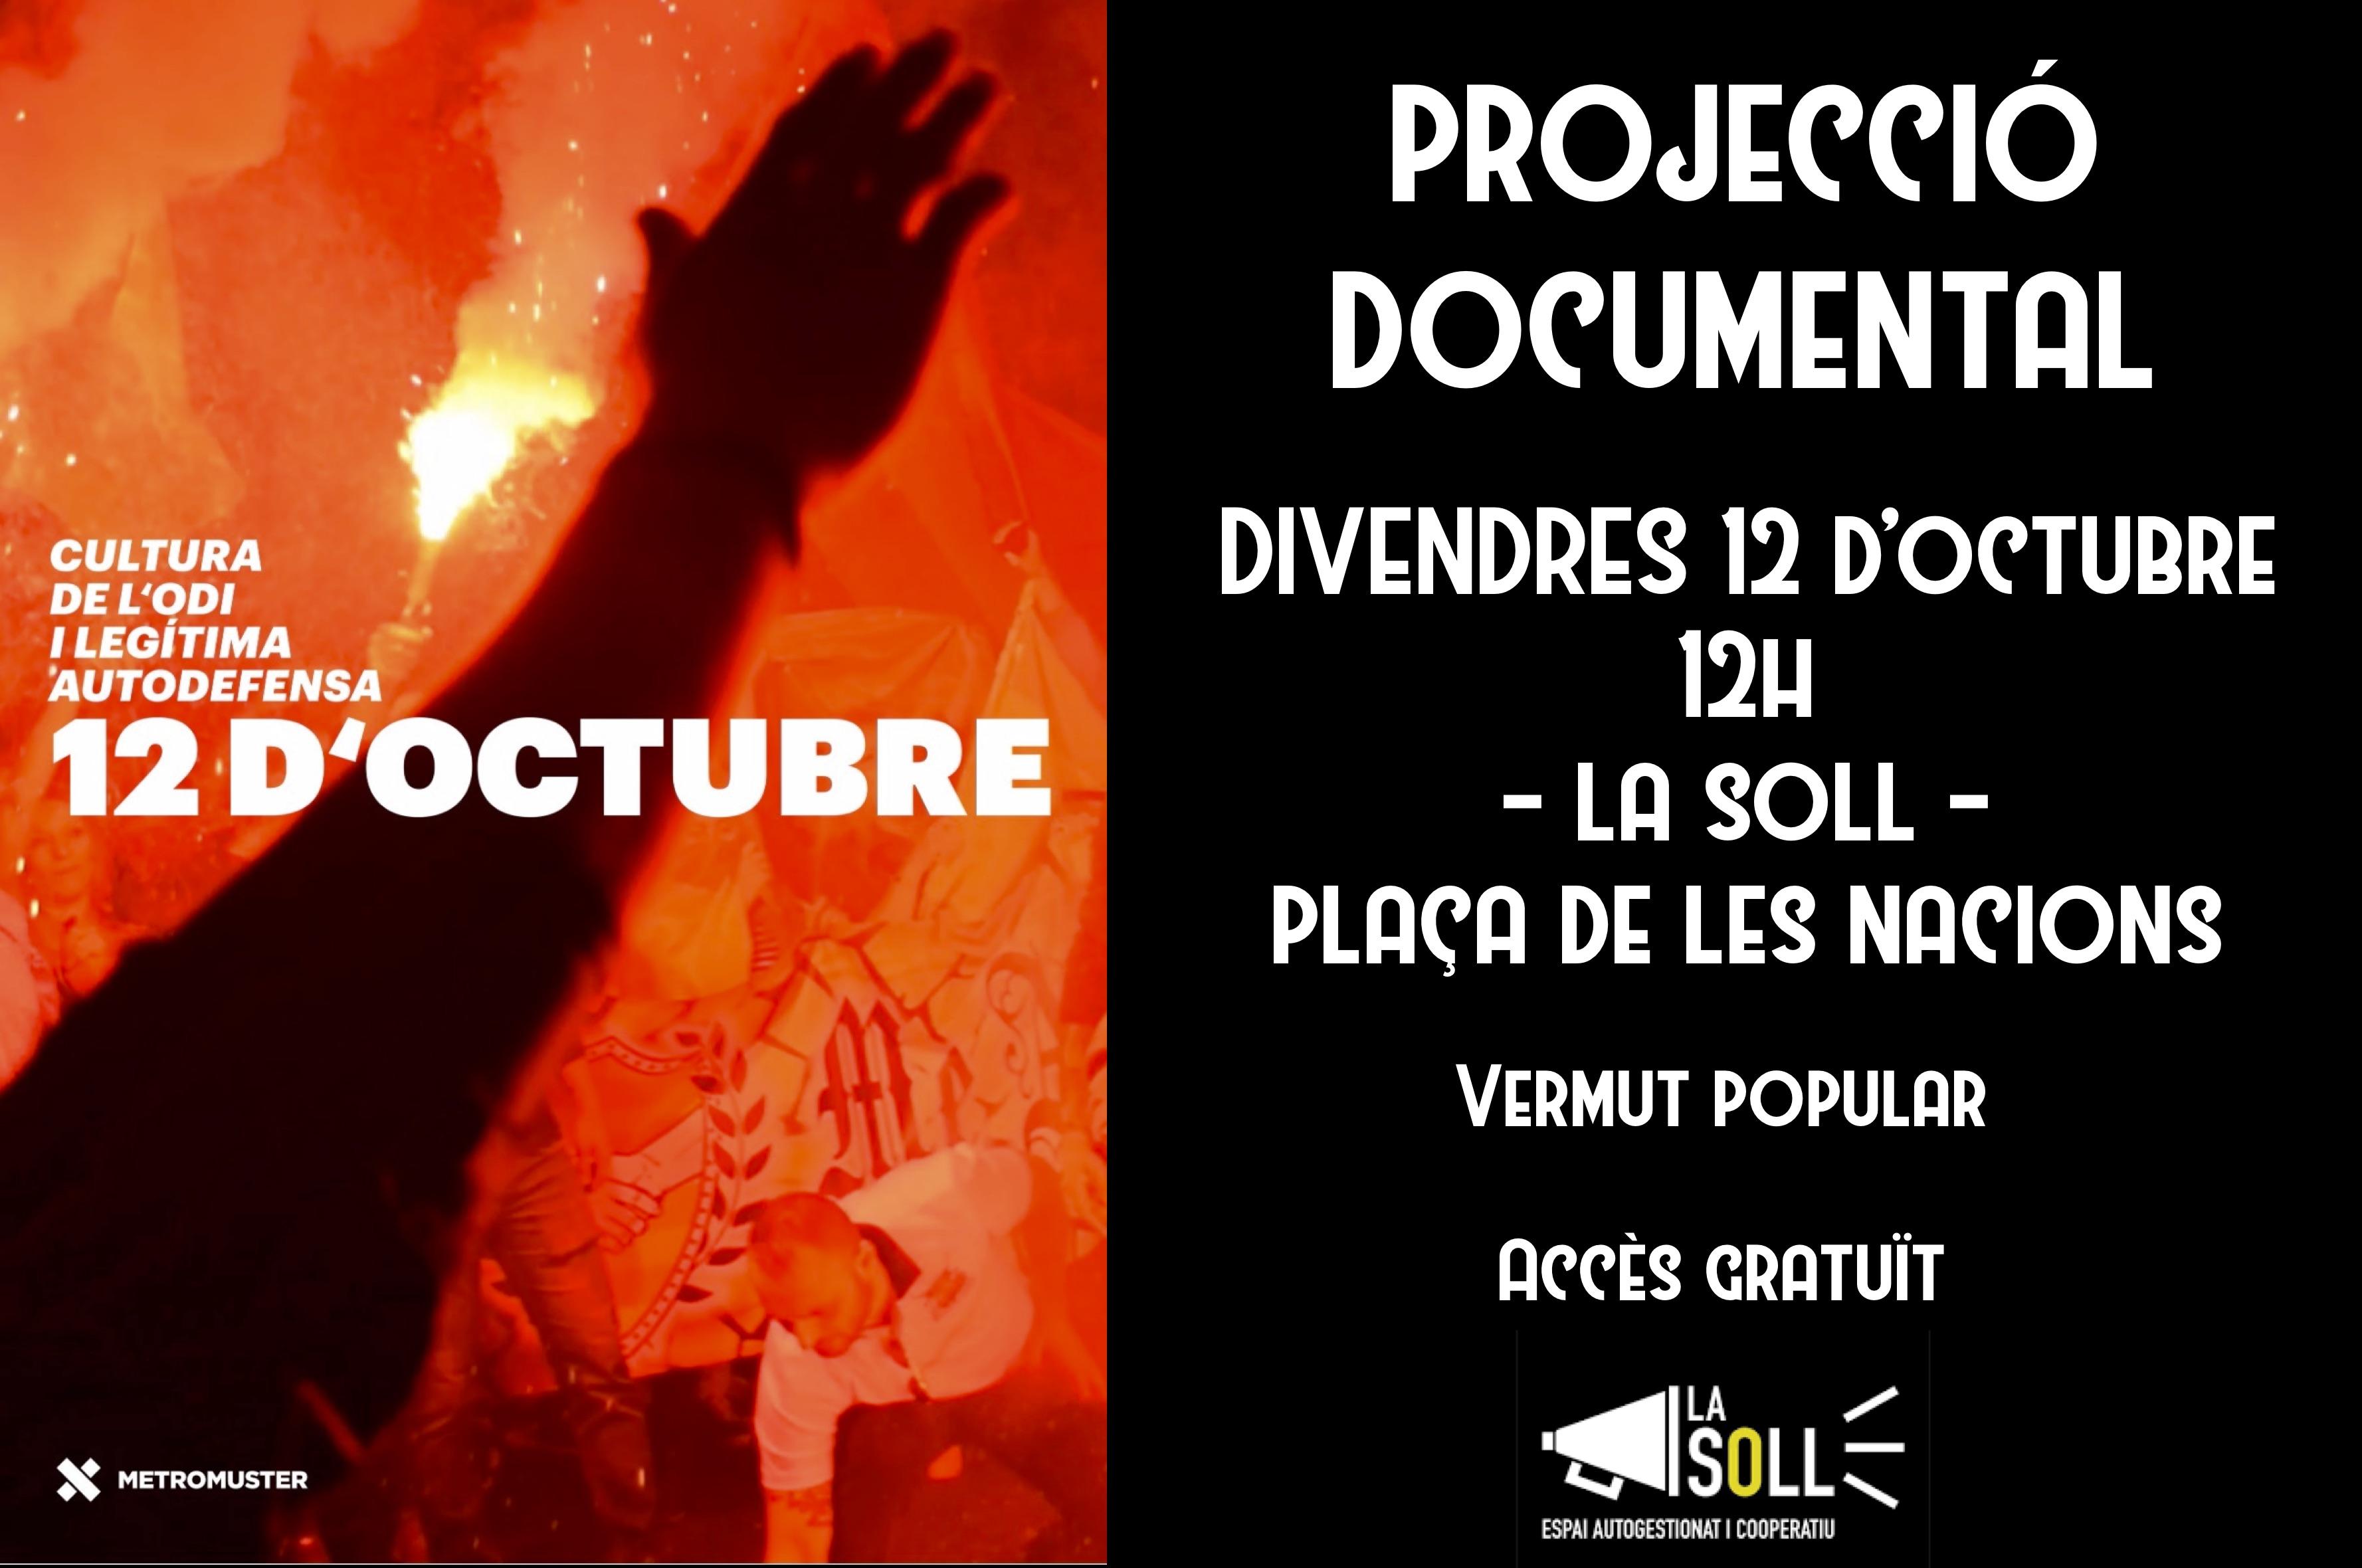 """La Soll projectarà el documental """"12-O: cultura de l'odi i legítima autodefensa"""" aquest divendres 12 d'octubre a les 12h"""